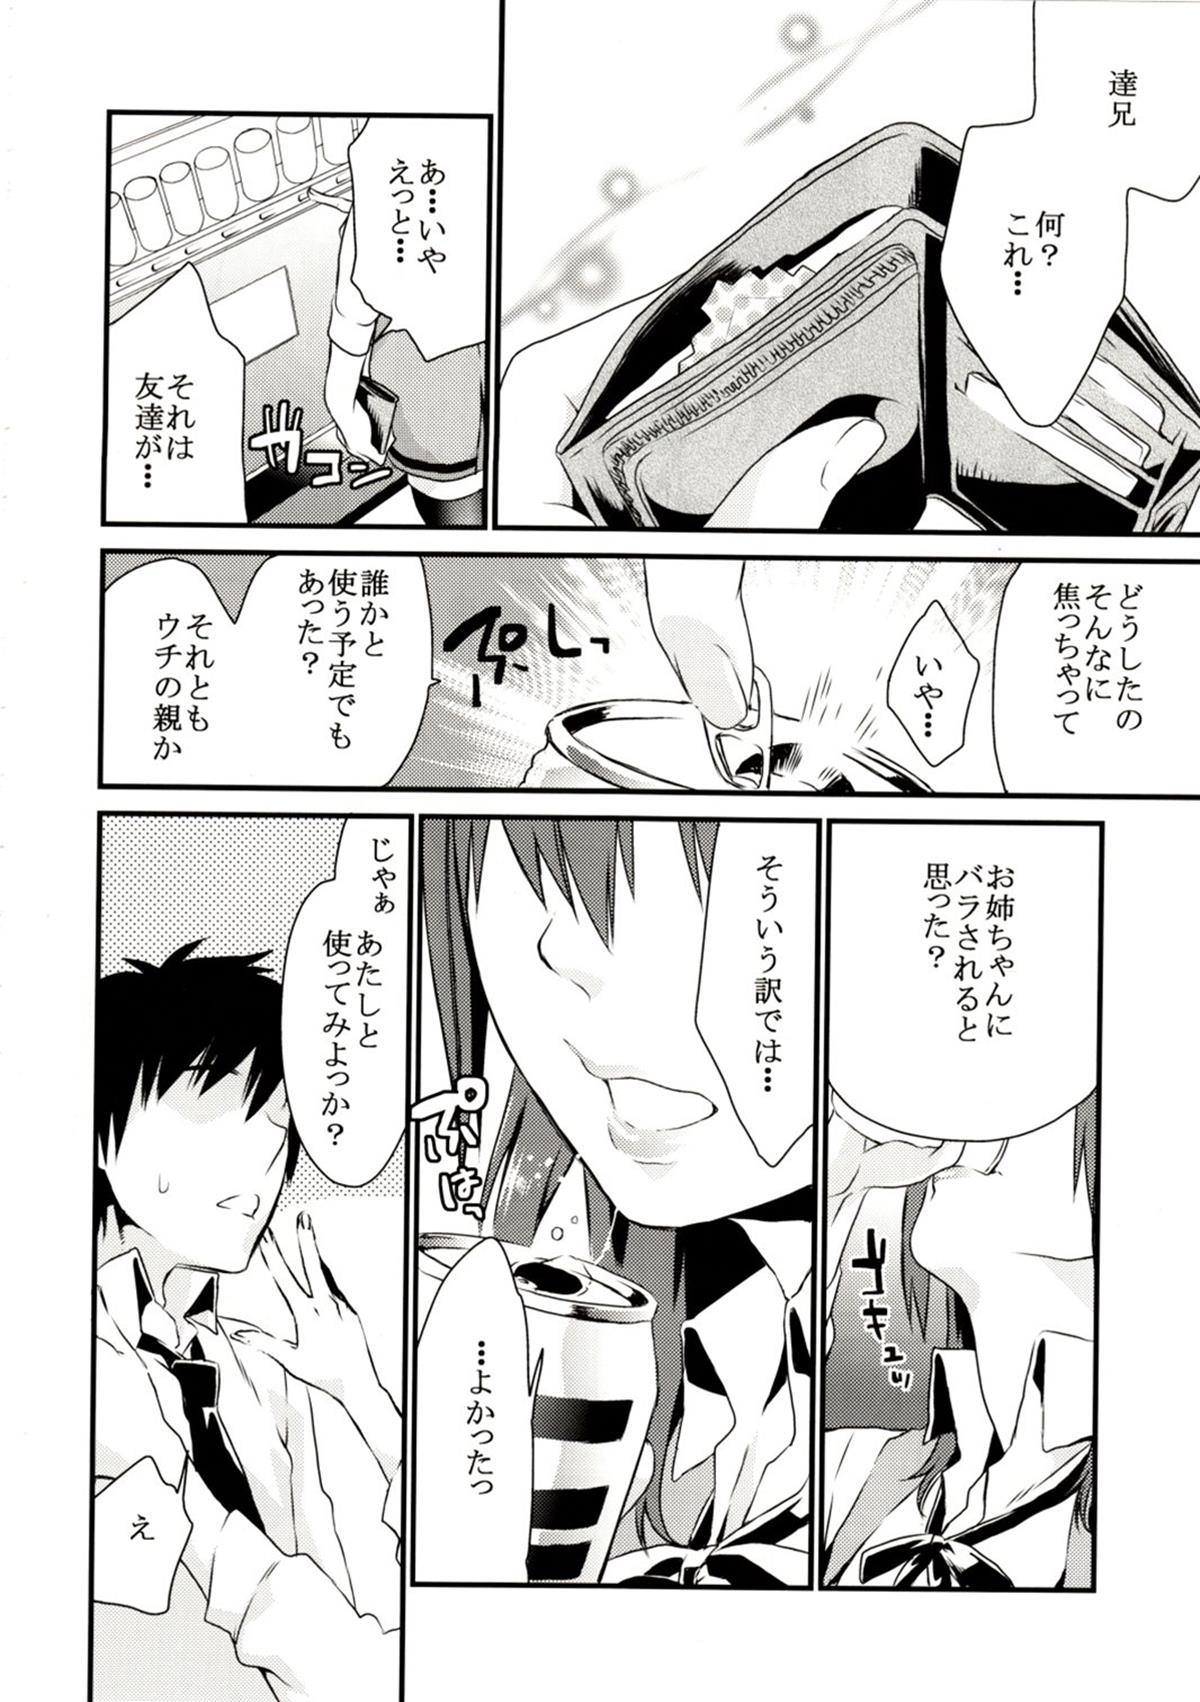 な、何この生意気チンコっ!も~いい!達兄はそのまま動かないで!!【エロ漫画・エロ同人】 (5)